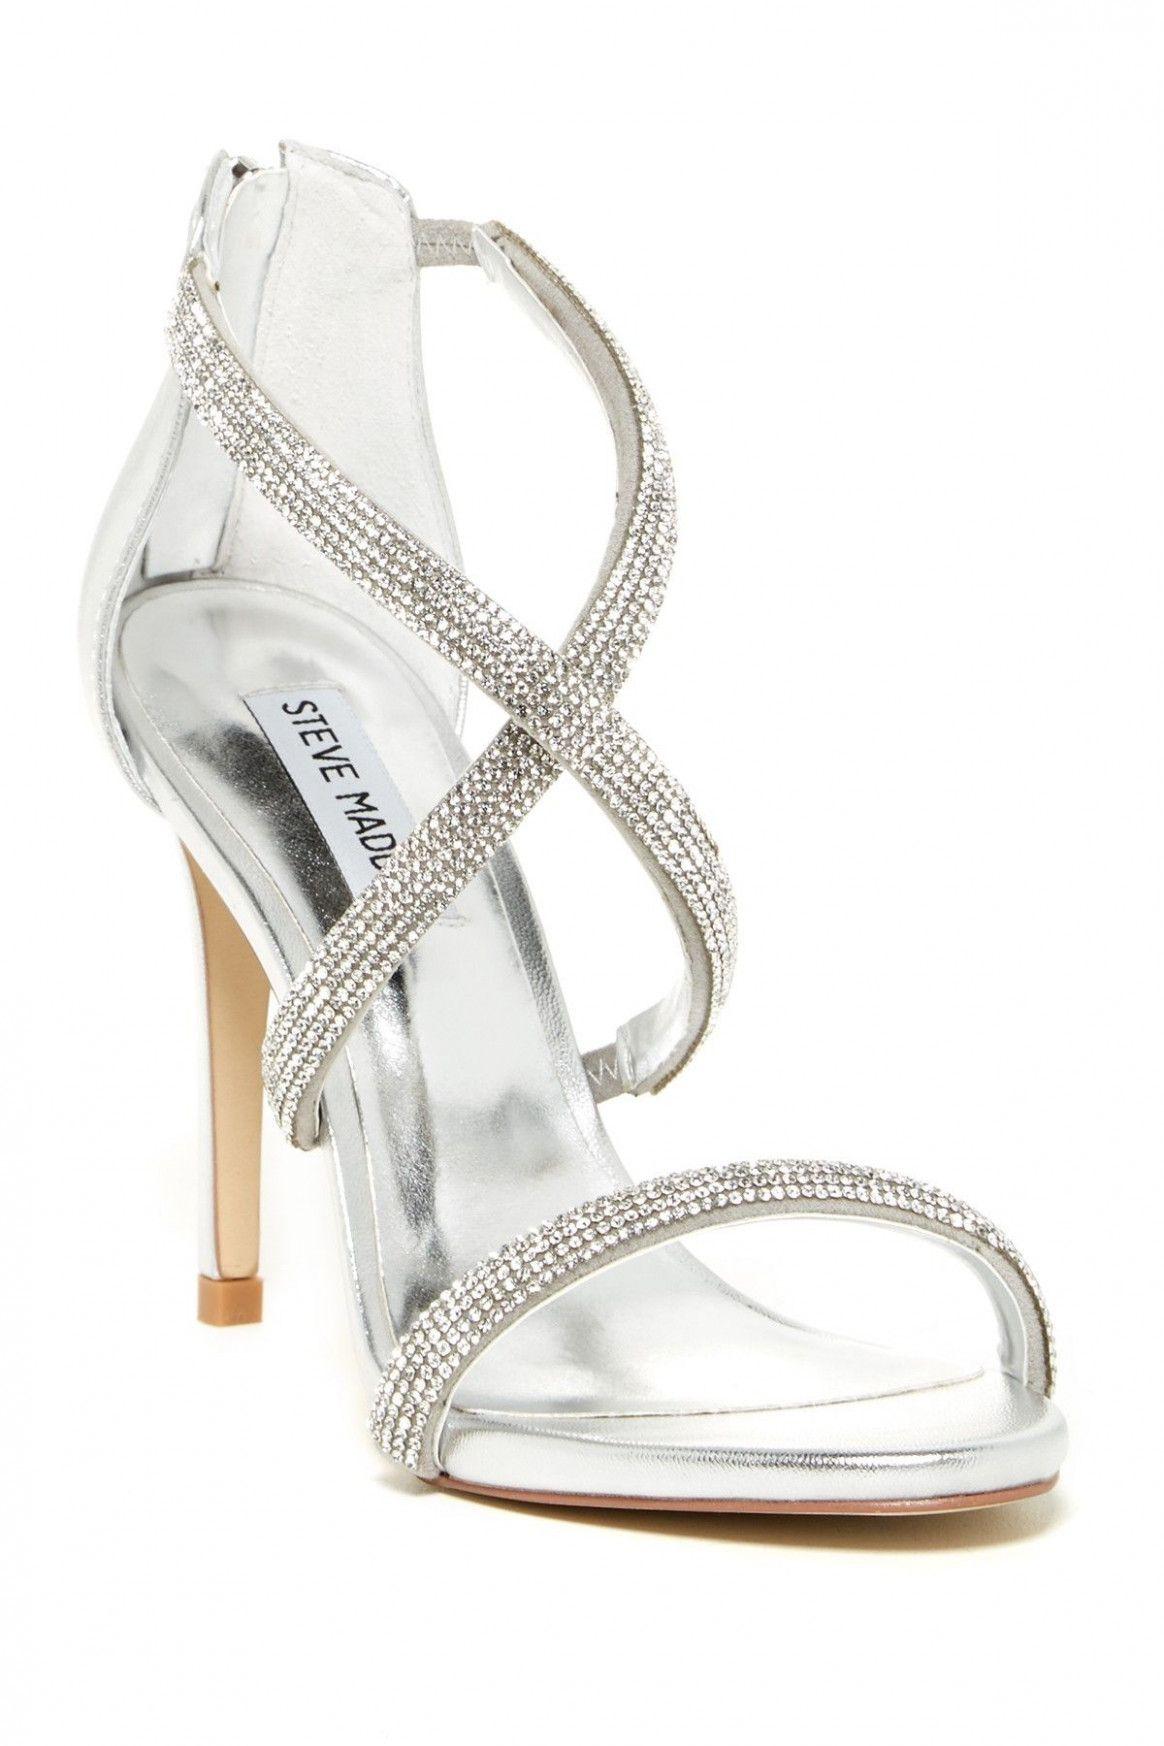 Detener considerado No puedo leer ni escribir  Wedding Shoes Silver Steve Madden | Silver wedding shoes, Wedding shoes  heels, Strappy wedding shoes